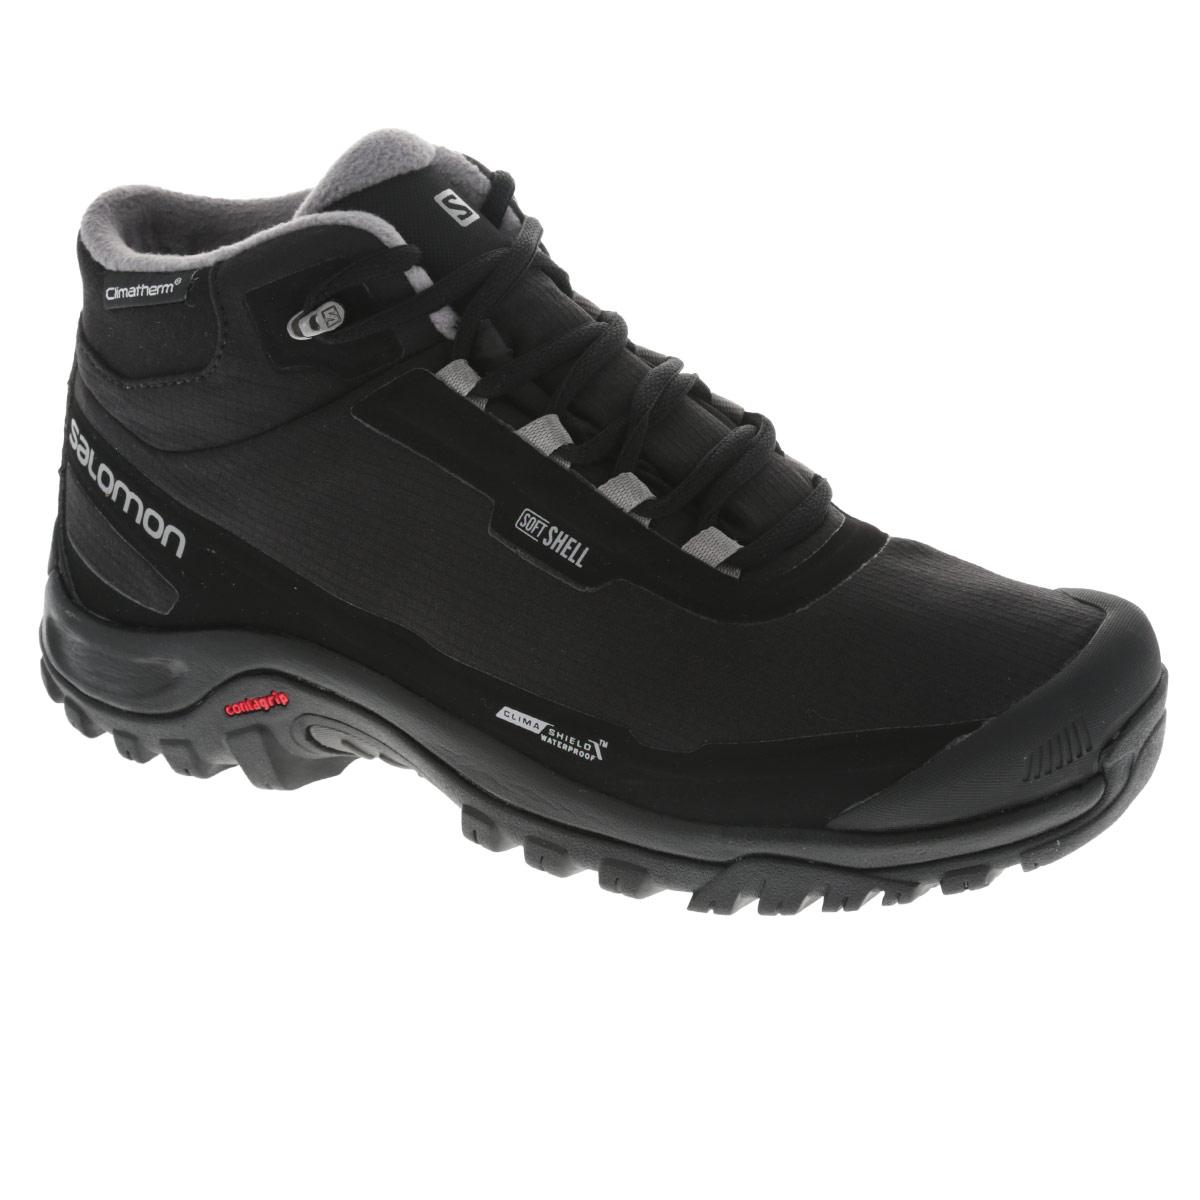 L37281100Удобные мужские ботинки Shelter CS WP от Salomon прекрасно подойдут для активного отдыха и пеших прогулок. Верх модели выполнен из водо- и ветронепроницаемого материала (Softshell) со вставками из искусственных материалов. Обувь оформлена сбоку названием бренда, на заднике и на язычке - фирменным логотипом. Подкладка выполнена из мягкого дышащего текстильного материала. Защитные накладки на мыске и на заднике надолго сохранят опрятный вид и позволят продлить срок службы модели. Технология защиты от грязи Mud Guard. Внутренняя мембрана Climashield Waterproof обеспечивает дополнительную защиту от влаги. Утеплитель Climatherm, распределенный по всей площади ботинка, рассчитан на температуру до -18 °C. Эргономичная стелька Ortholite с прослойкой ЭВА для амортизации и комфорта. Промежуточная подошва EVA обеспечивает дополнительную амортизацию. Резиновая подошва Contagrip со специальным рисунком протектора разработана для ходьбы по пересеченной местности и обеспечит...